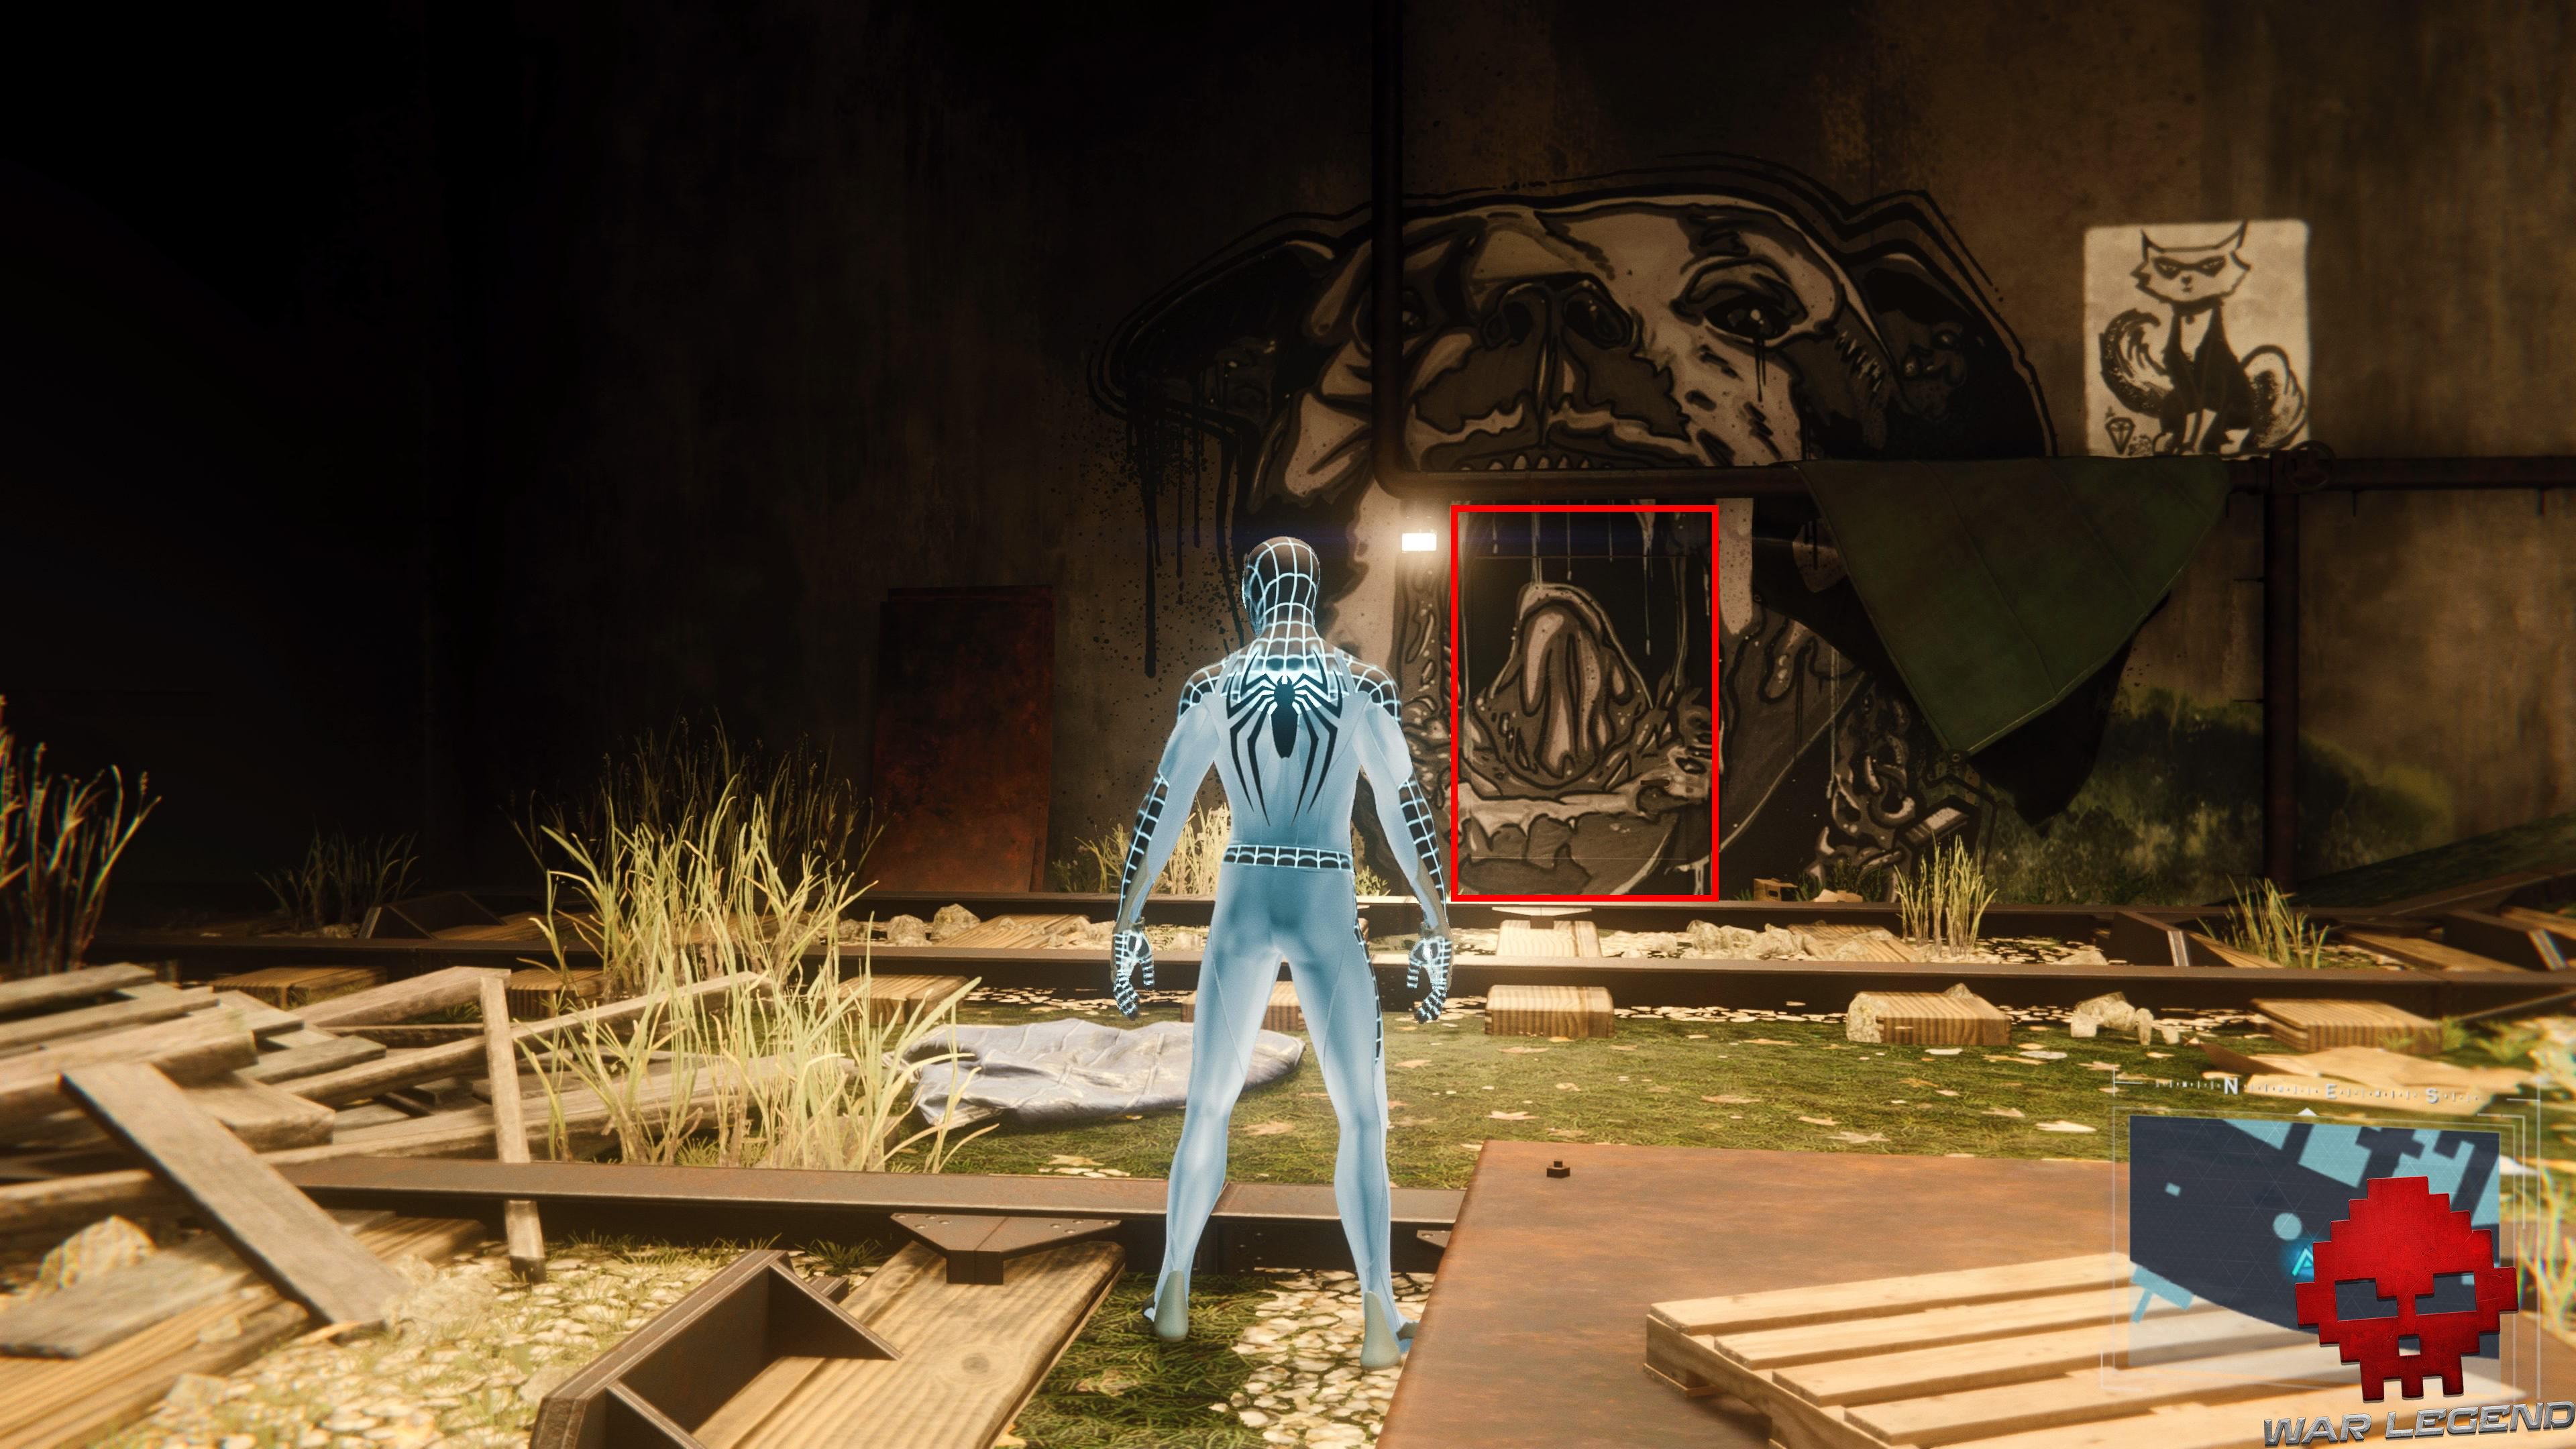 Vignette solution spider-man panier du chat porte dérobée